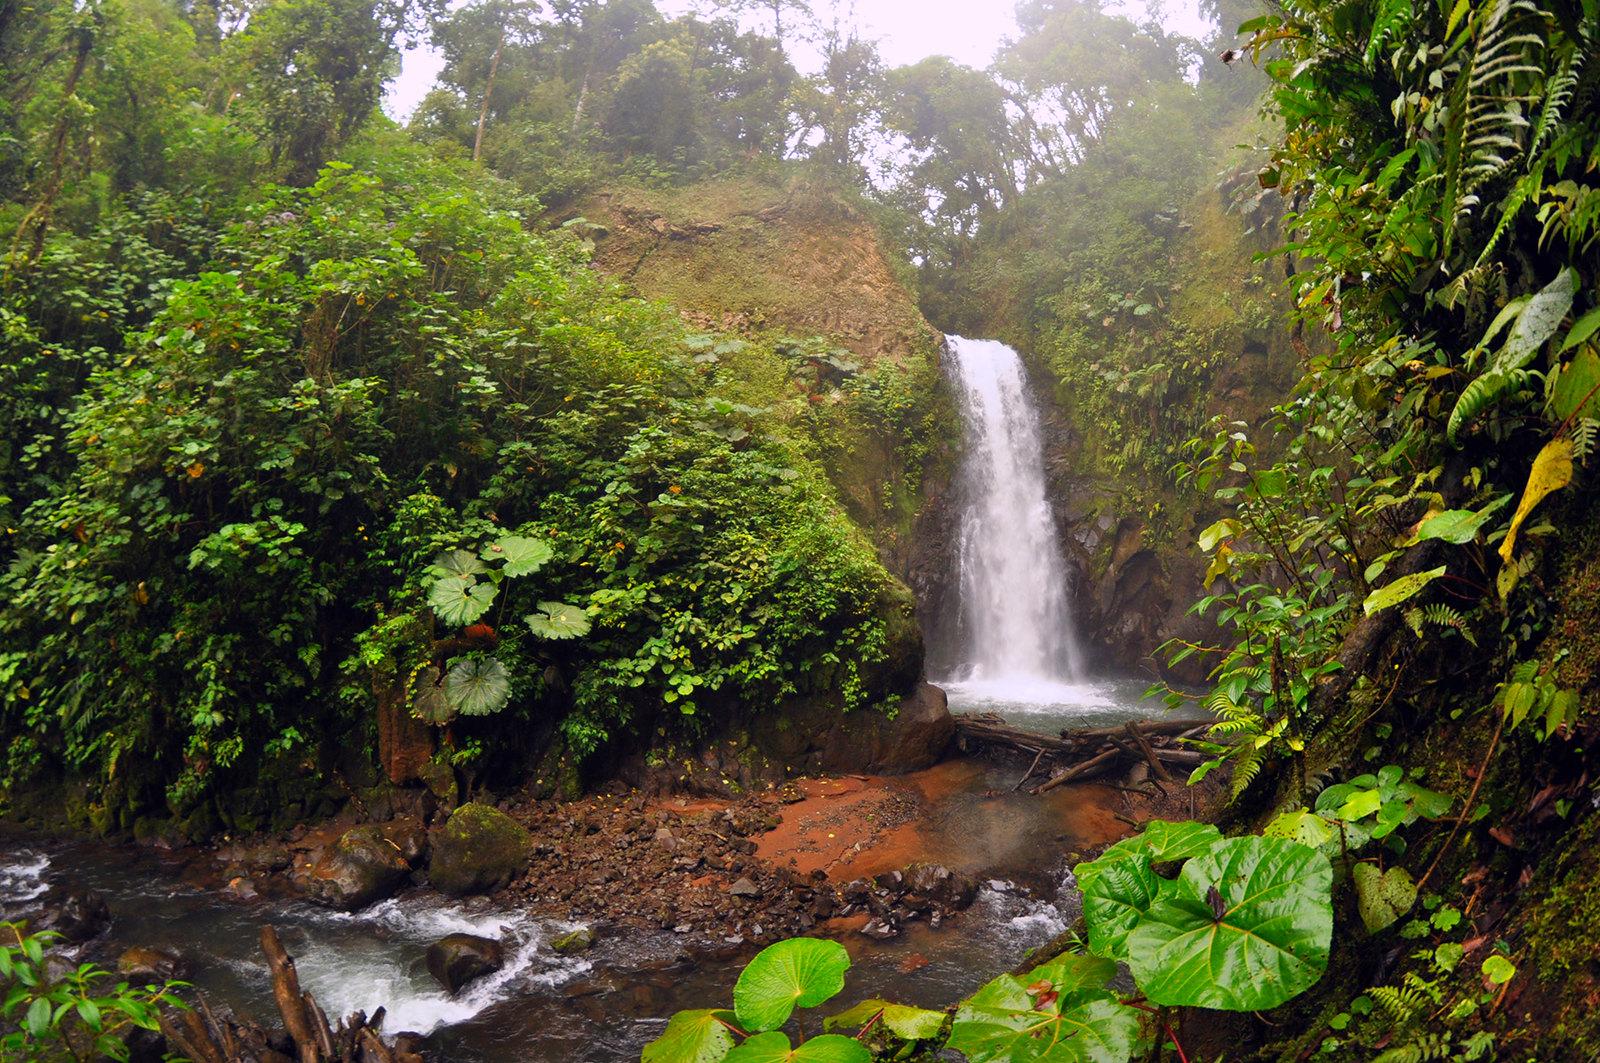 Viajar a Costa Rica / Ruta por Costa Rica en 3 semanas ruta por costa rica - 37538082434 cd1450073b h - Ruta por Costa Rica en 3 semanas